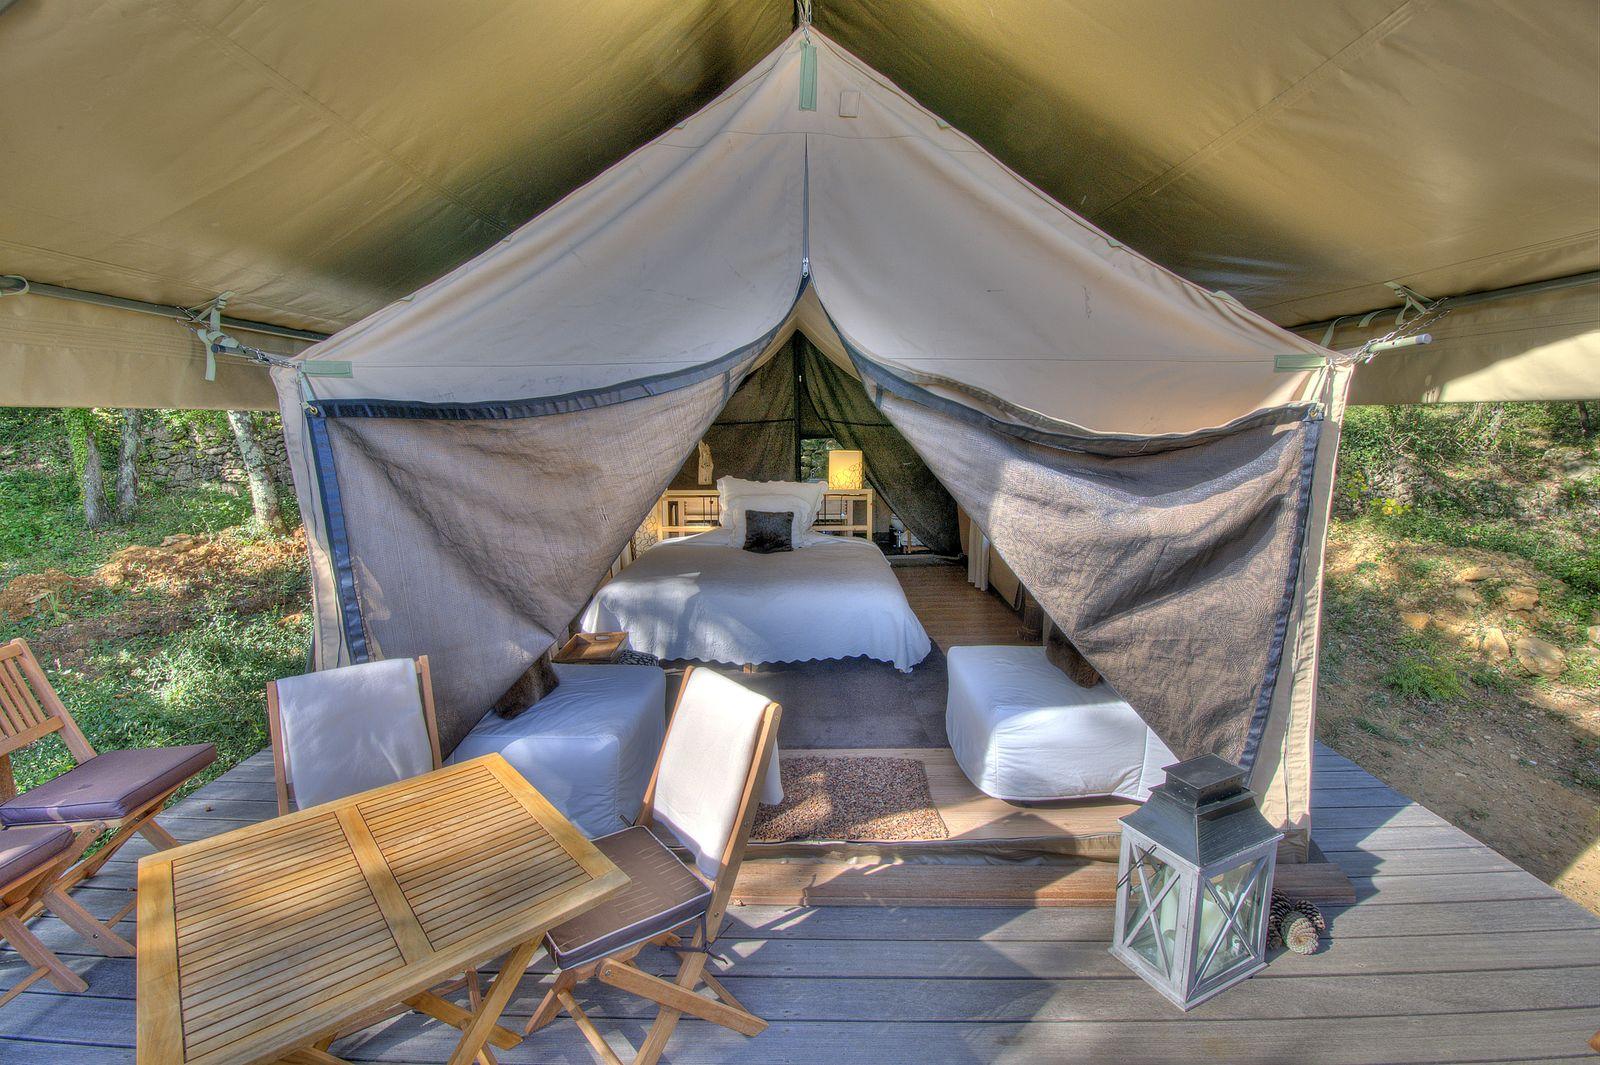 Afbeelding van Le Paradis - safaritent Zuid-Frankrijk luxe kamperen